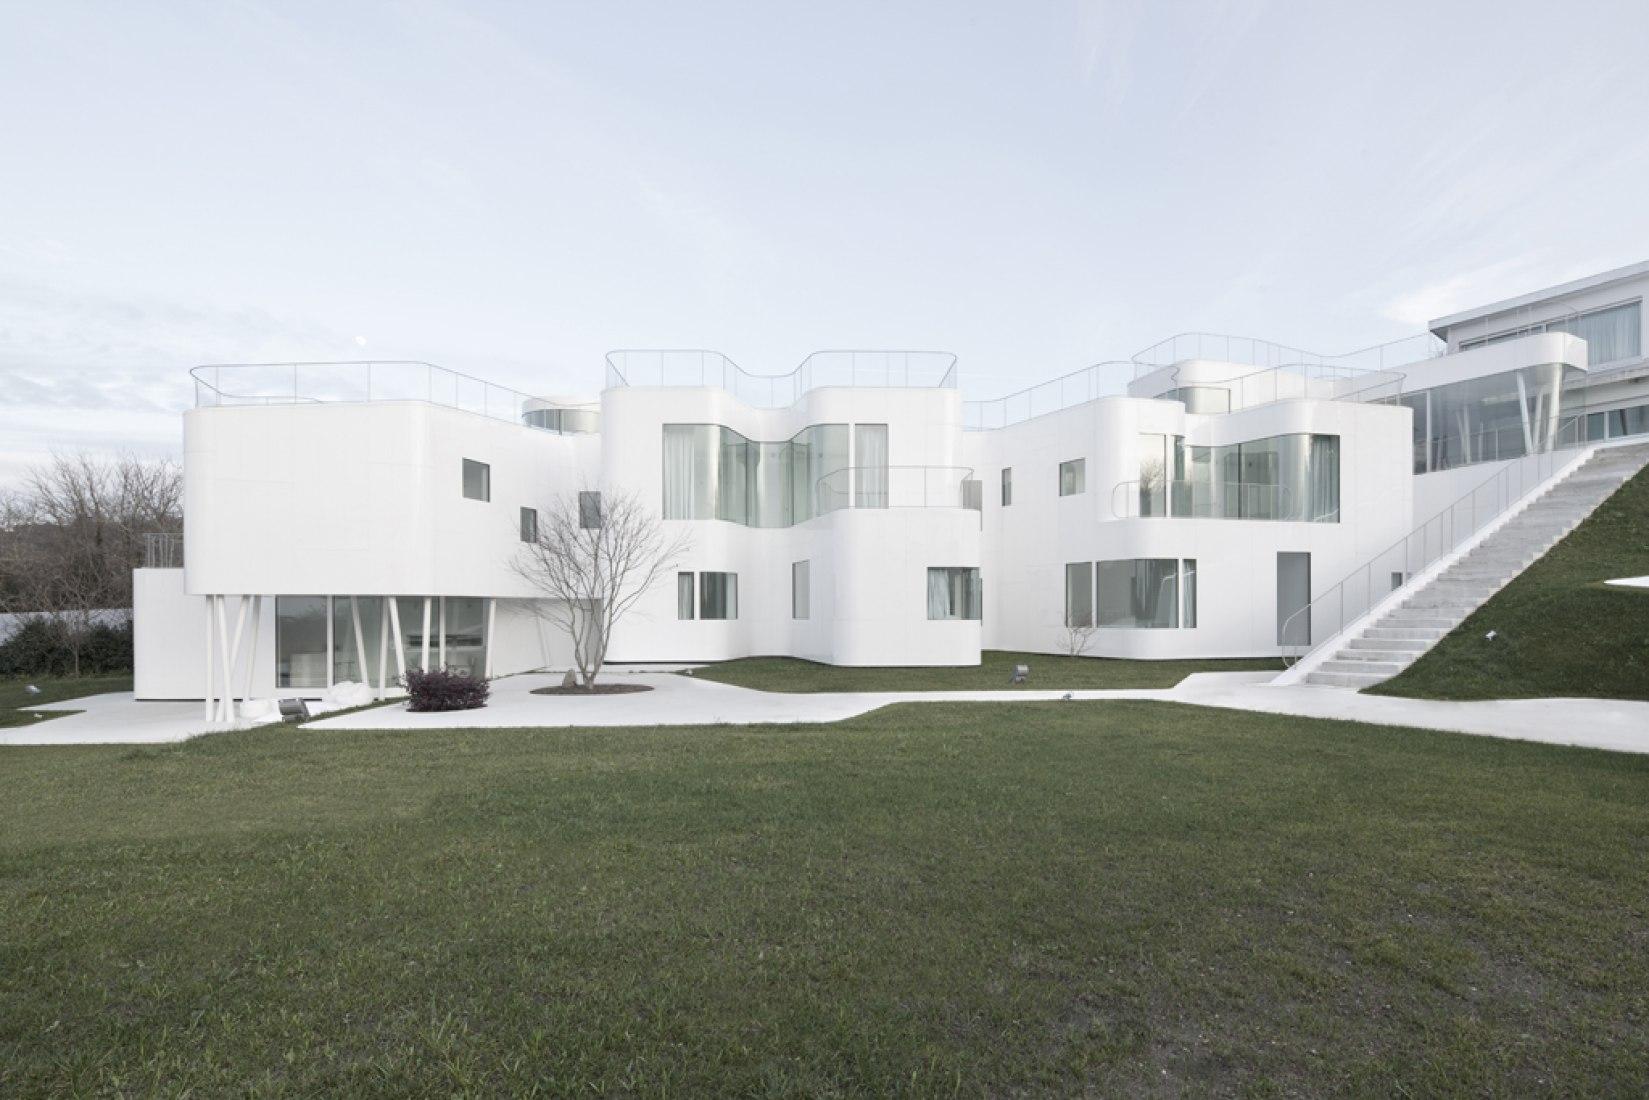 Vista exterior. Casa V. Fotografía © Ramón Cantero. Cortesía de Dosis de Arquitectura